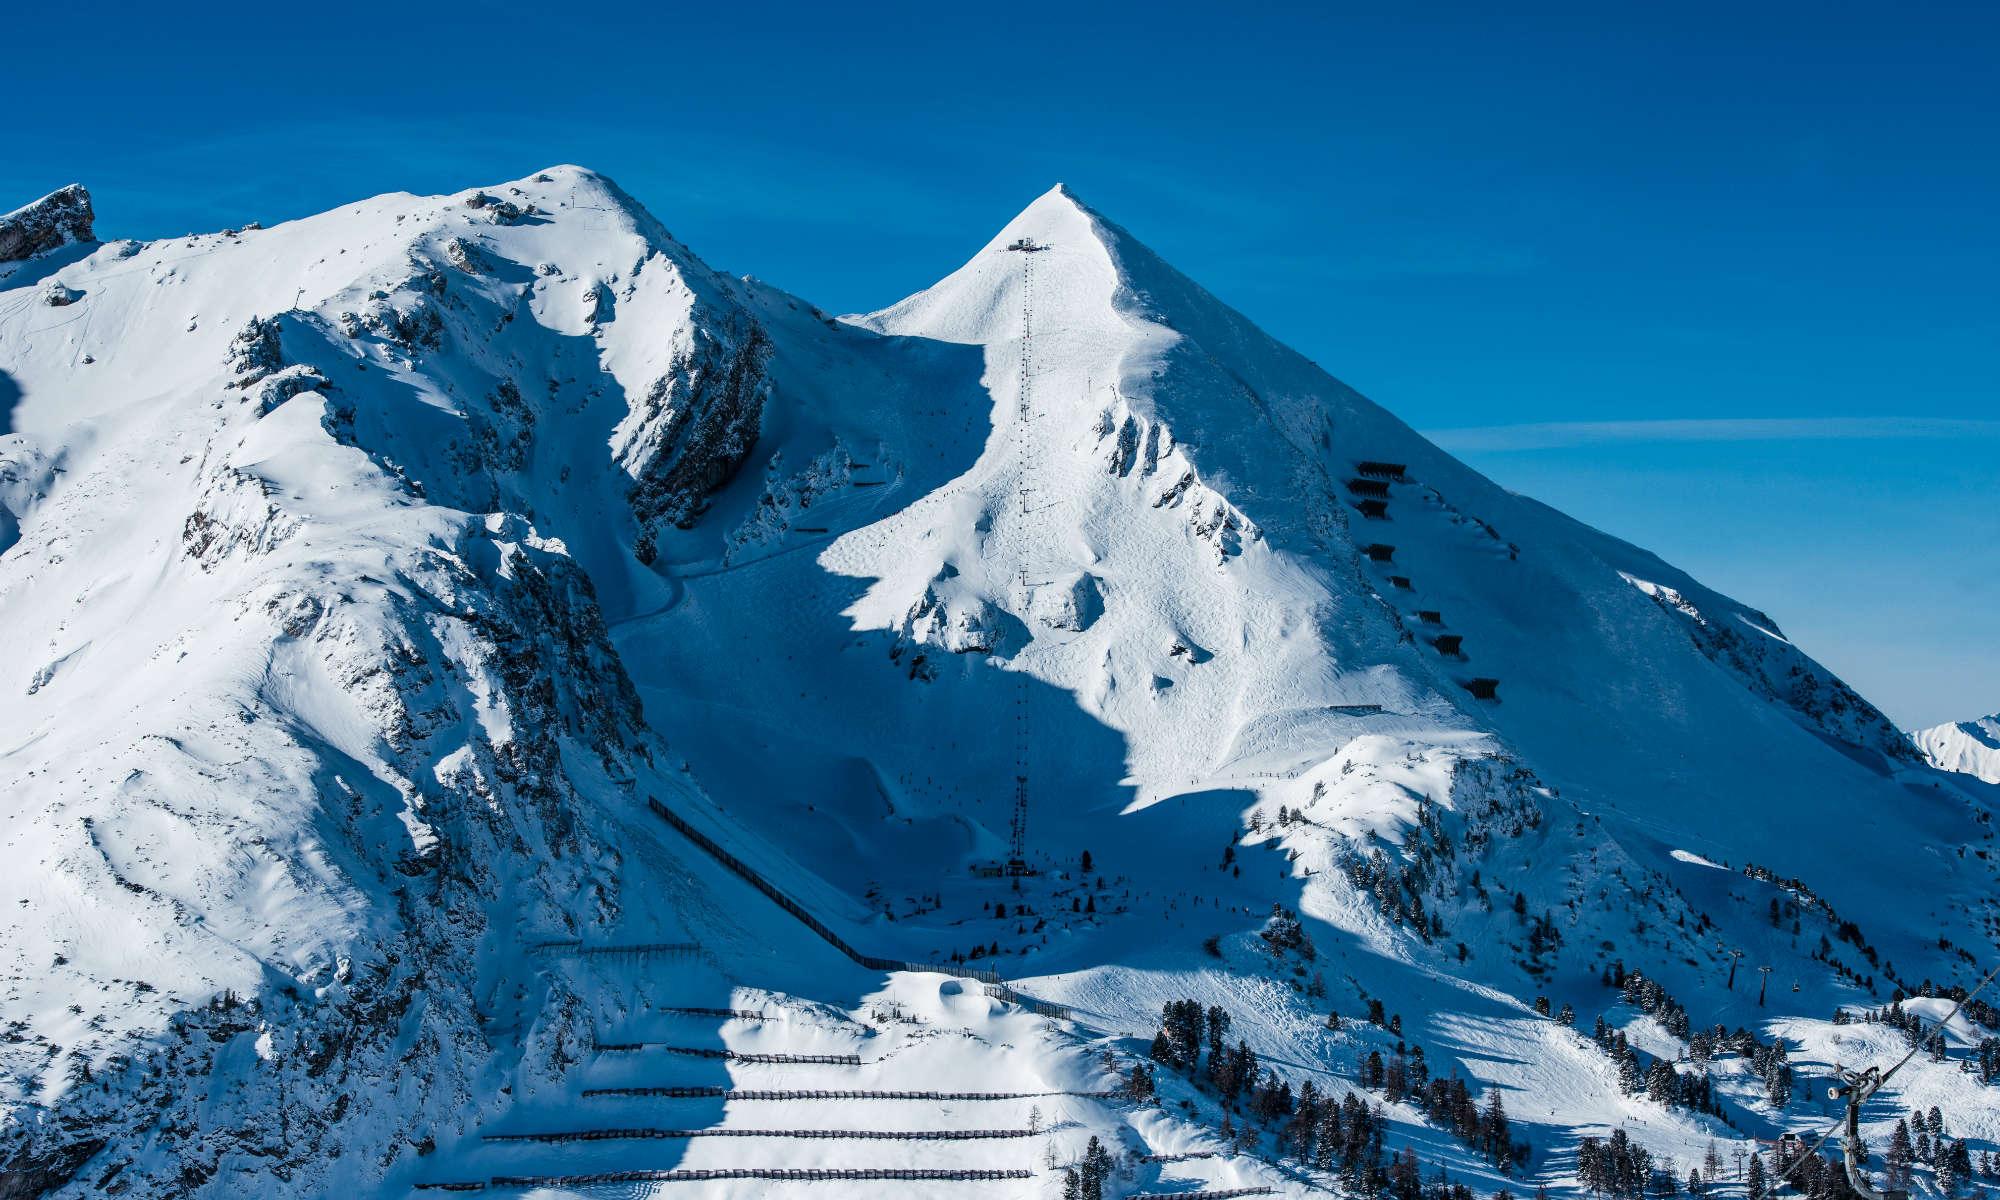 Blick auf die berühmte Abfahrt Gamsleiten 2 in Obertauern.